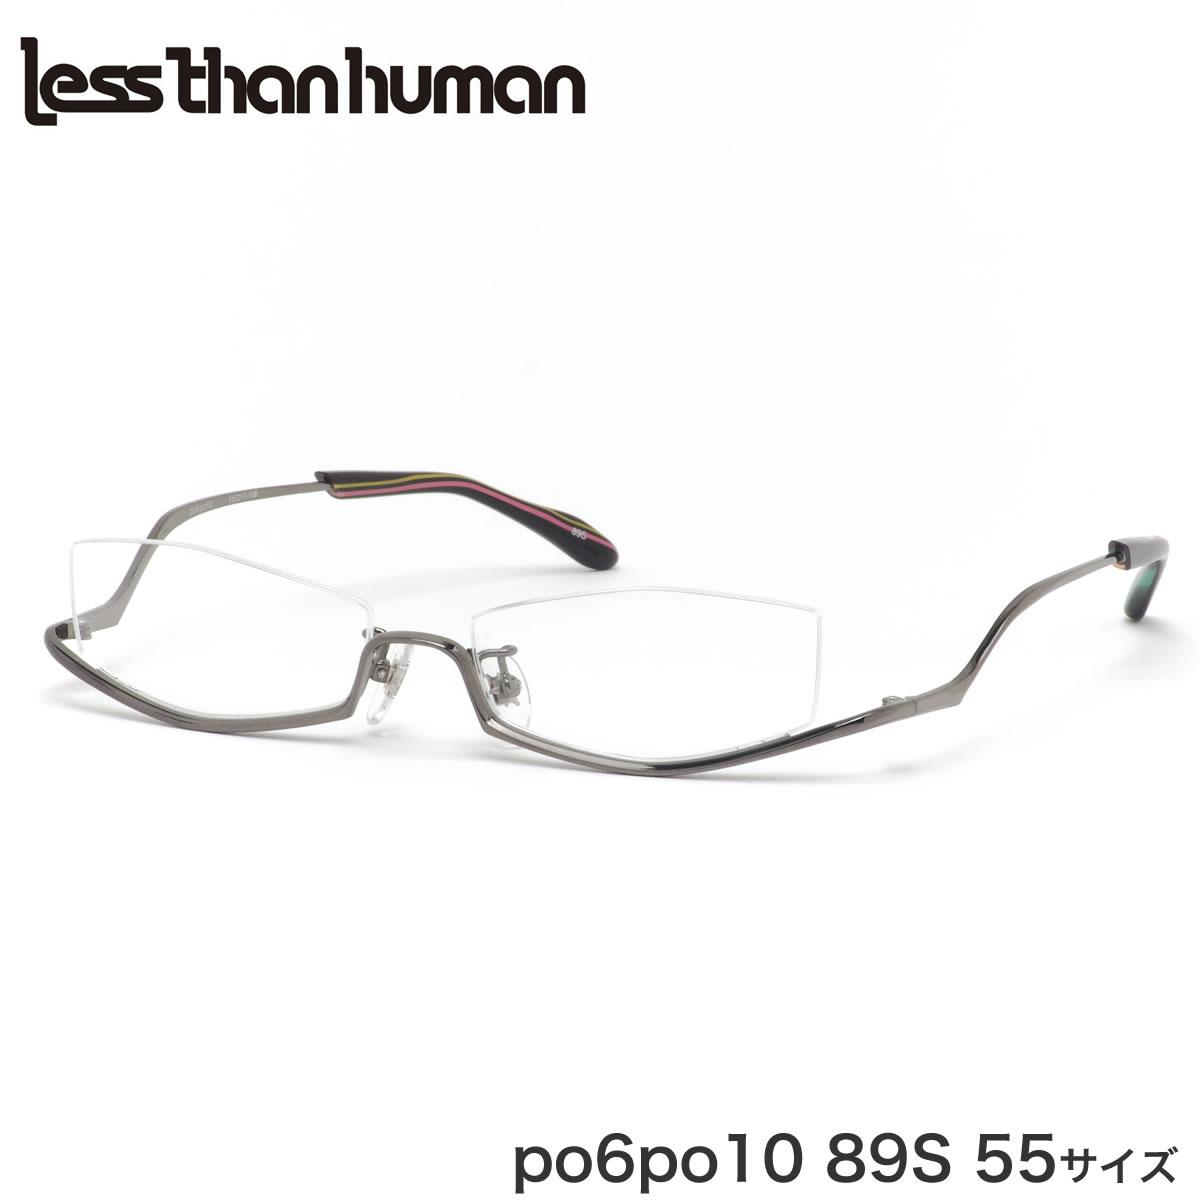 眼鏡・サングラス, 眼鏡  Less than human po6po10 89S 55 made in japan Lessthanhuman